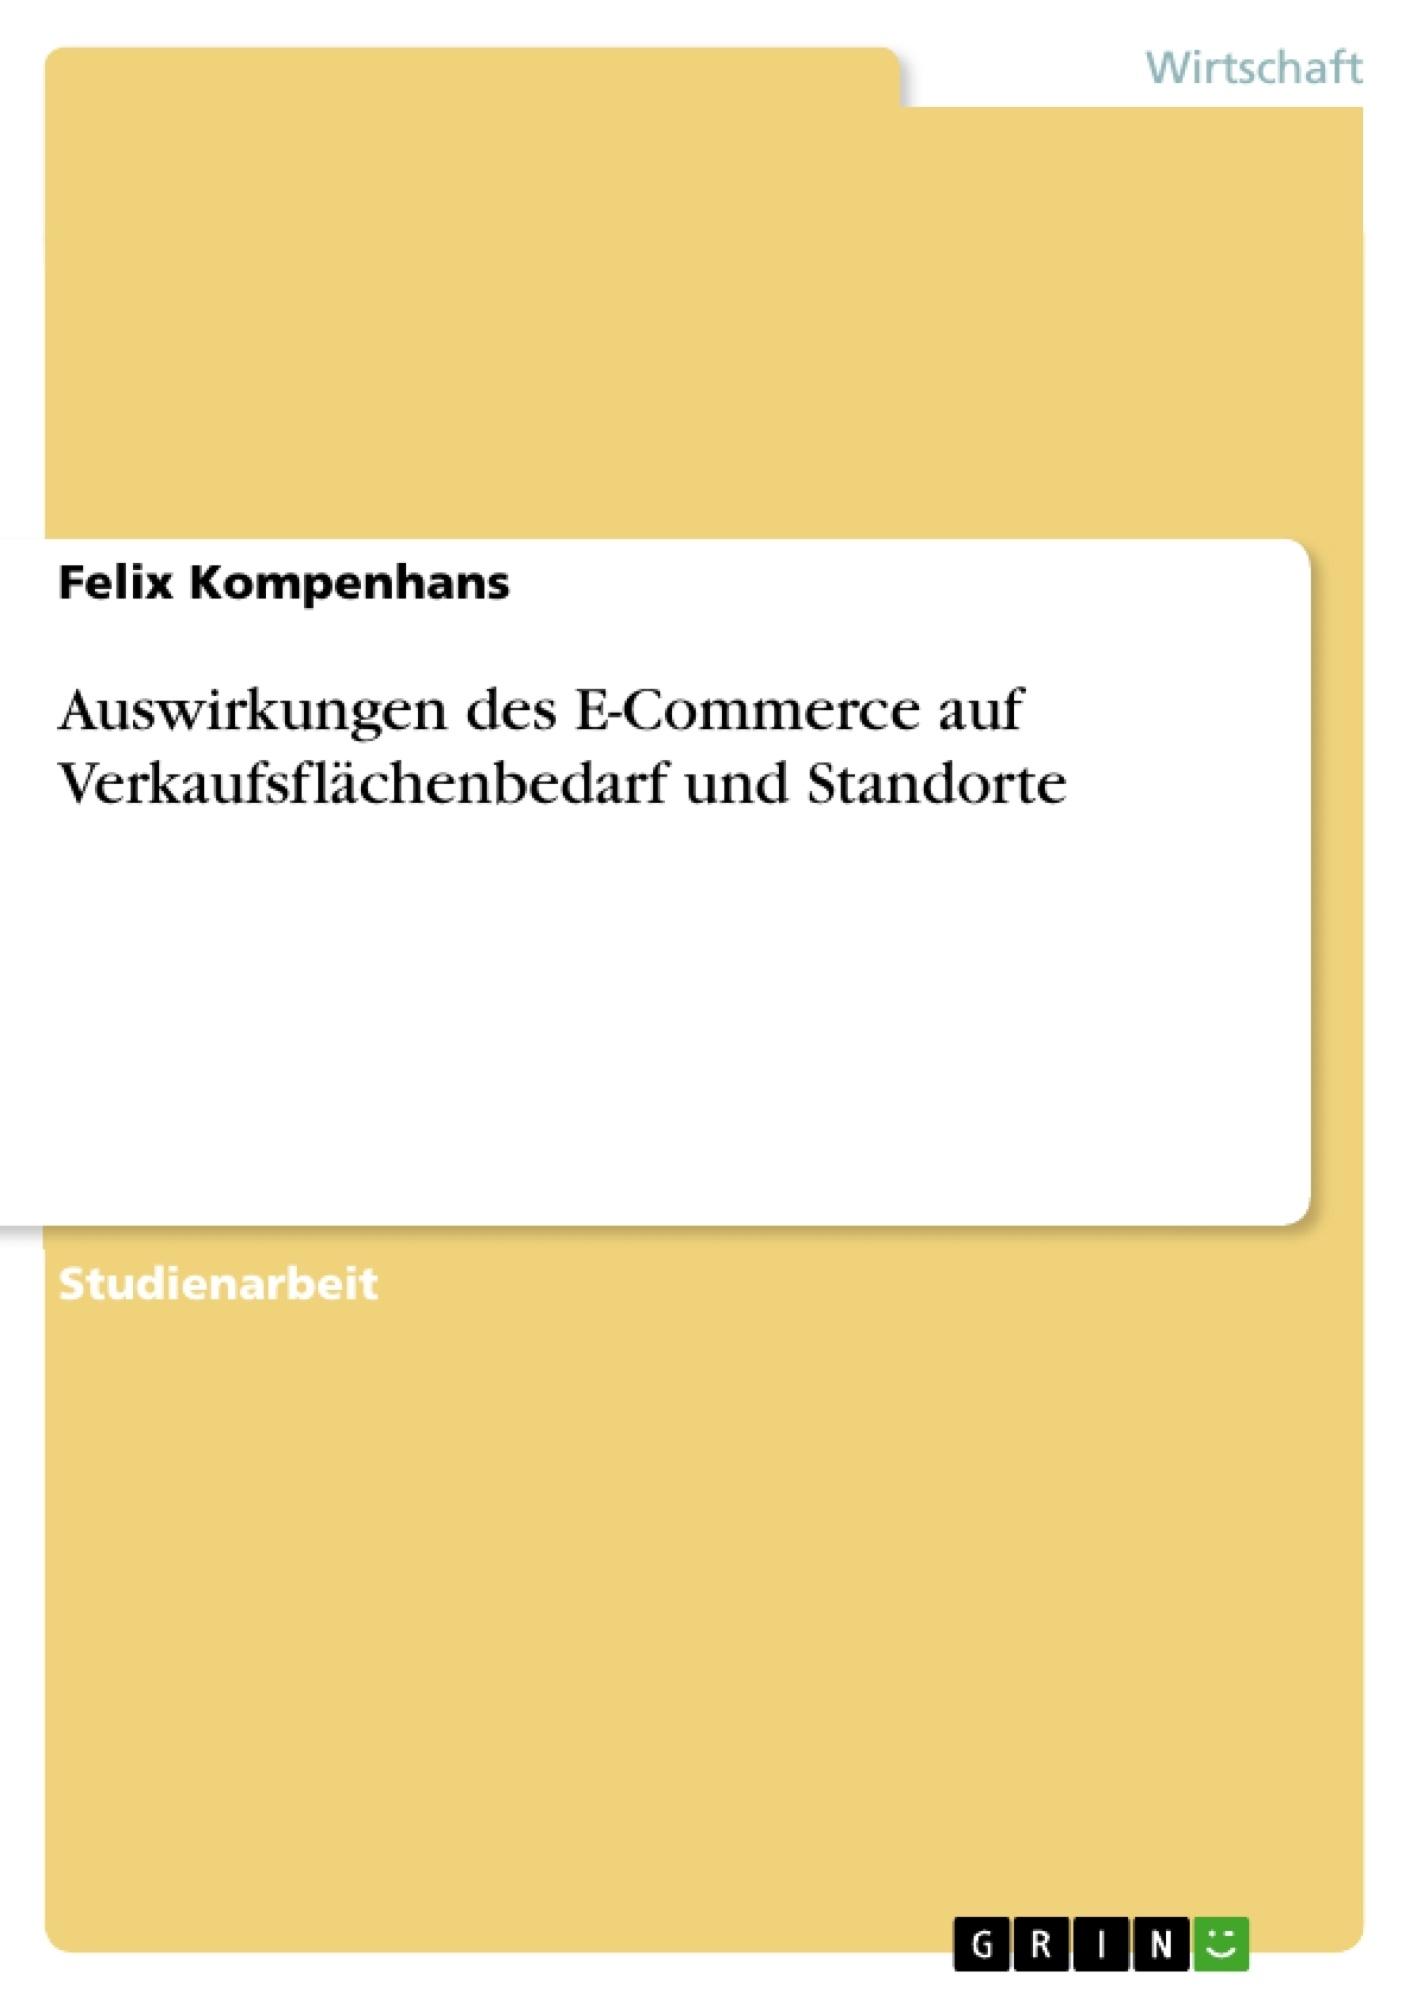 Titel: Auswirkungen des E-Commerce auf Verkaufsflächenbedarf und Standorte